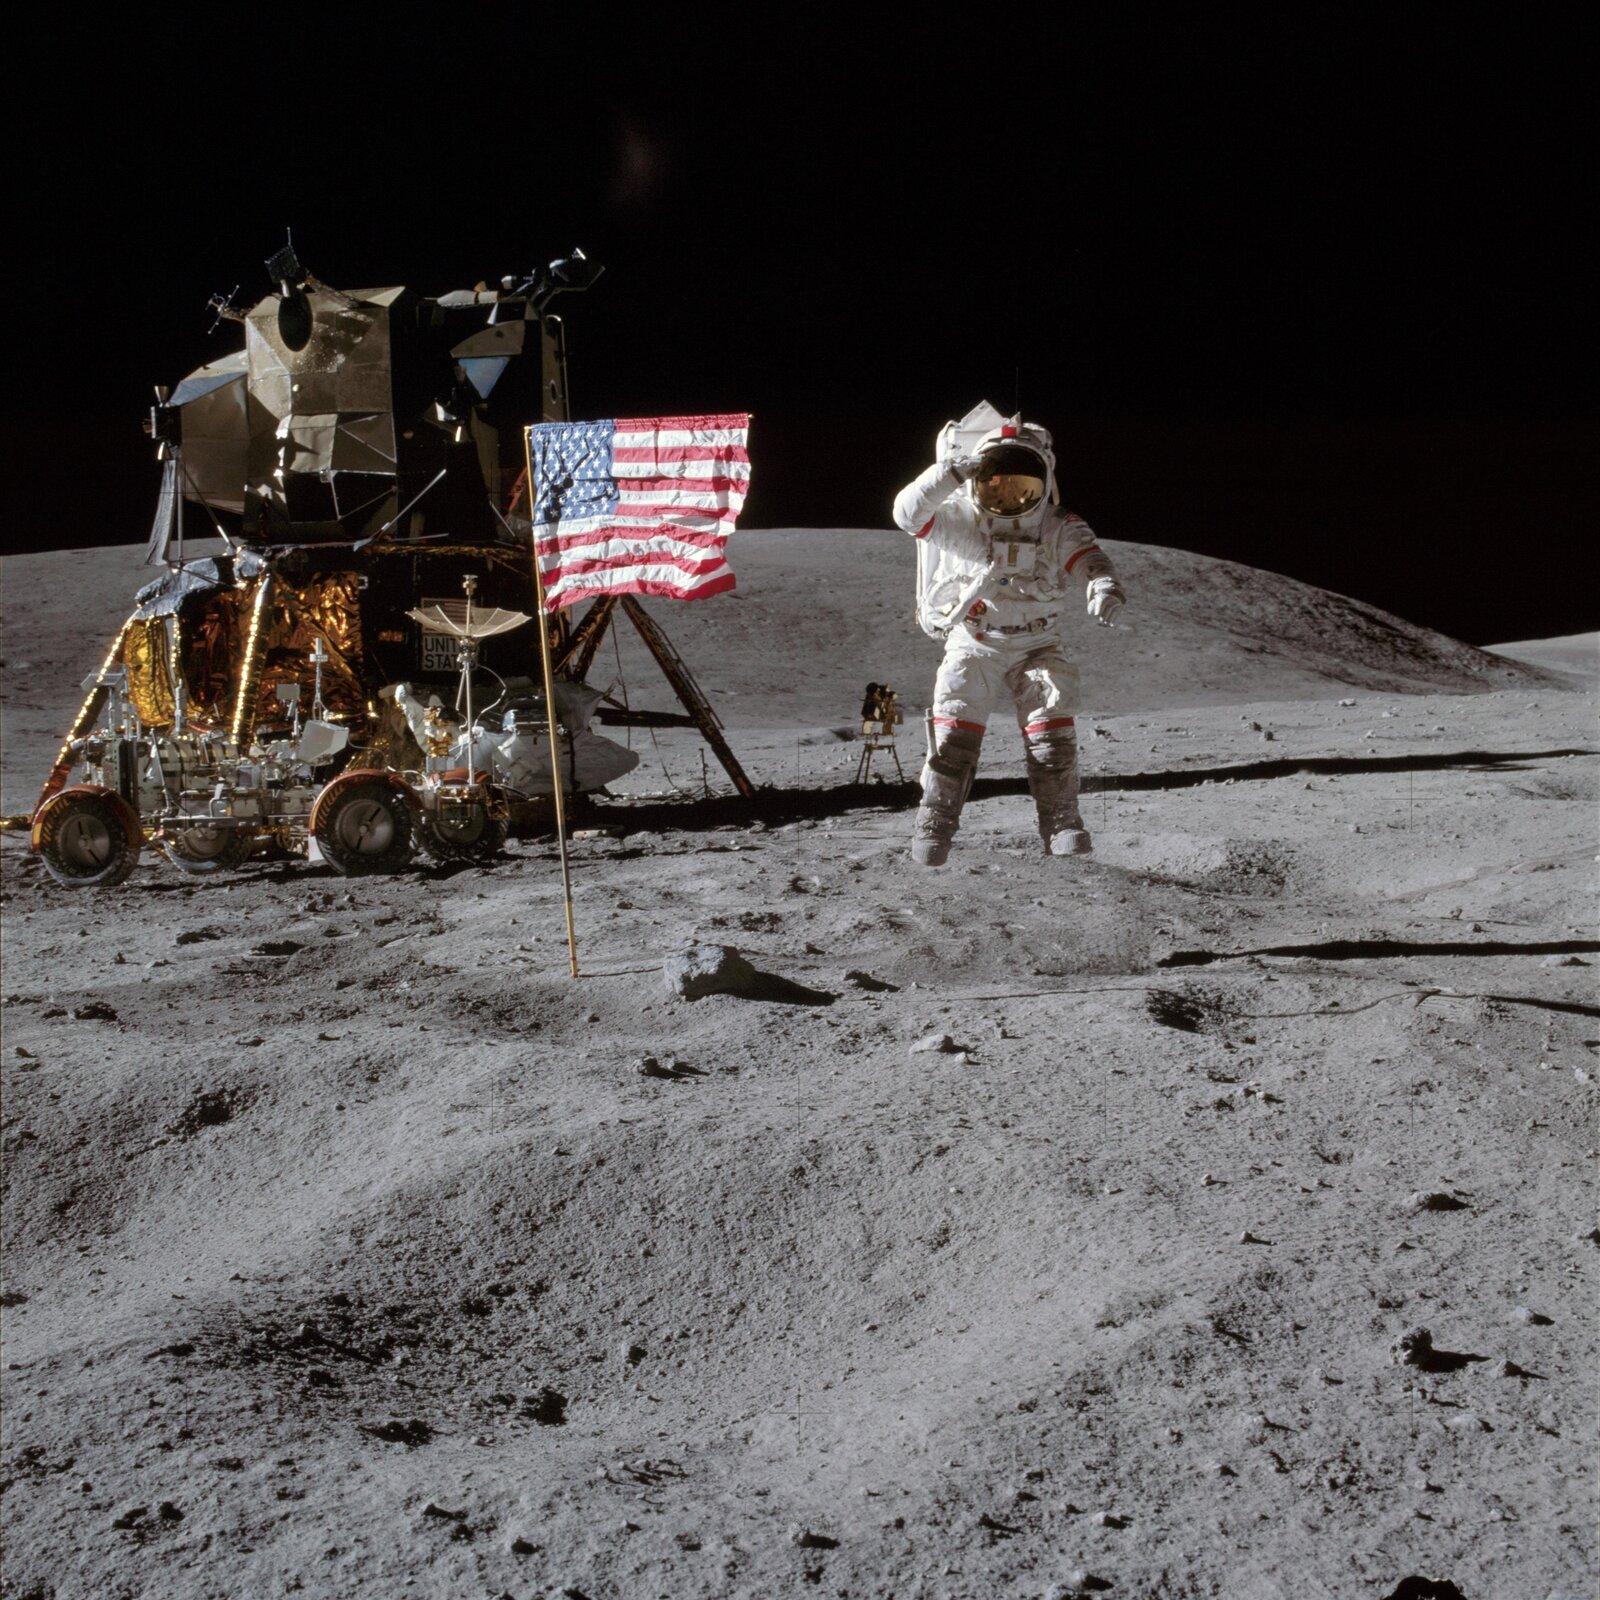 Zdjęcie przedstawia powierzchnię Księżyca. Na pierwszym planie pofałdowany teren pokryty szarym pyłem. Na środku pojazd kosmiczny oraz kosmonauta. Kosmonauta wbiałym kombinezonie, dużych ciężkich butach oraz kasku zzaciemnioną szybką. Amerykańska flaga na dwumetrowym drzewcu wetknięta wpowierzchnię Księżyca. Górny dłuższy bok flagi jest usztywniony poprzeczką, żeby wyglądała na powiewającą na wietrze. Skierowana jest wprawą stronę. Przestrzeń nad powierzchnią Księżyca czarna.